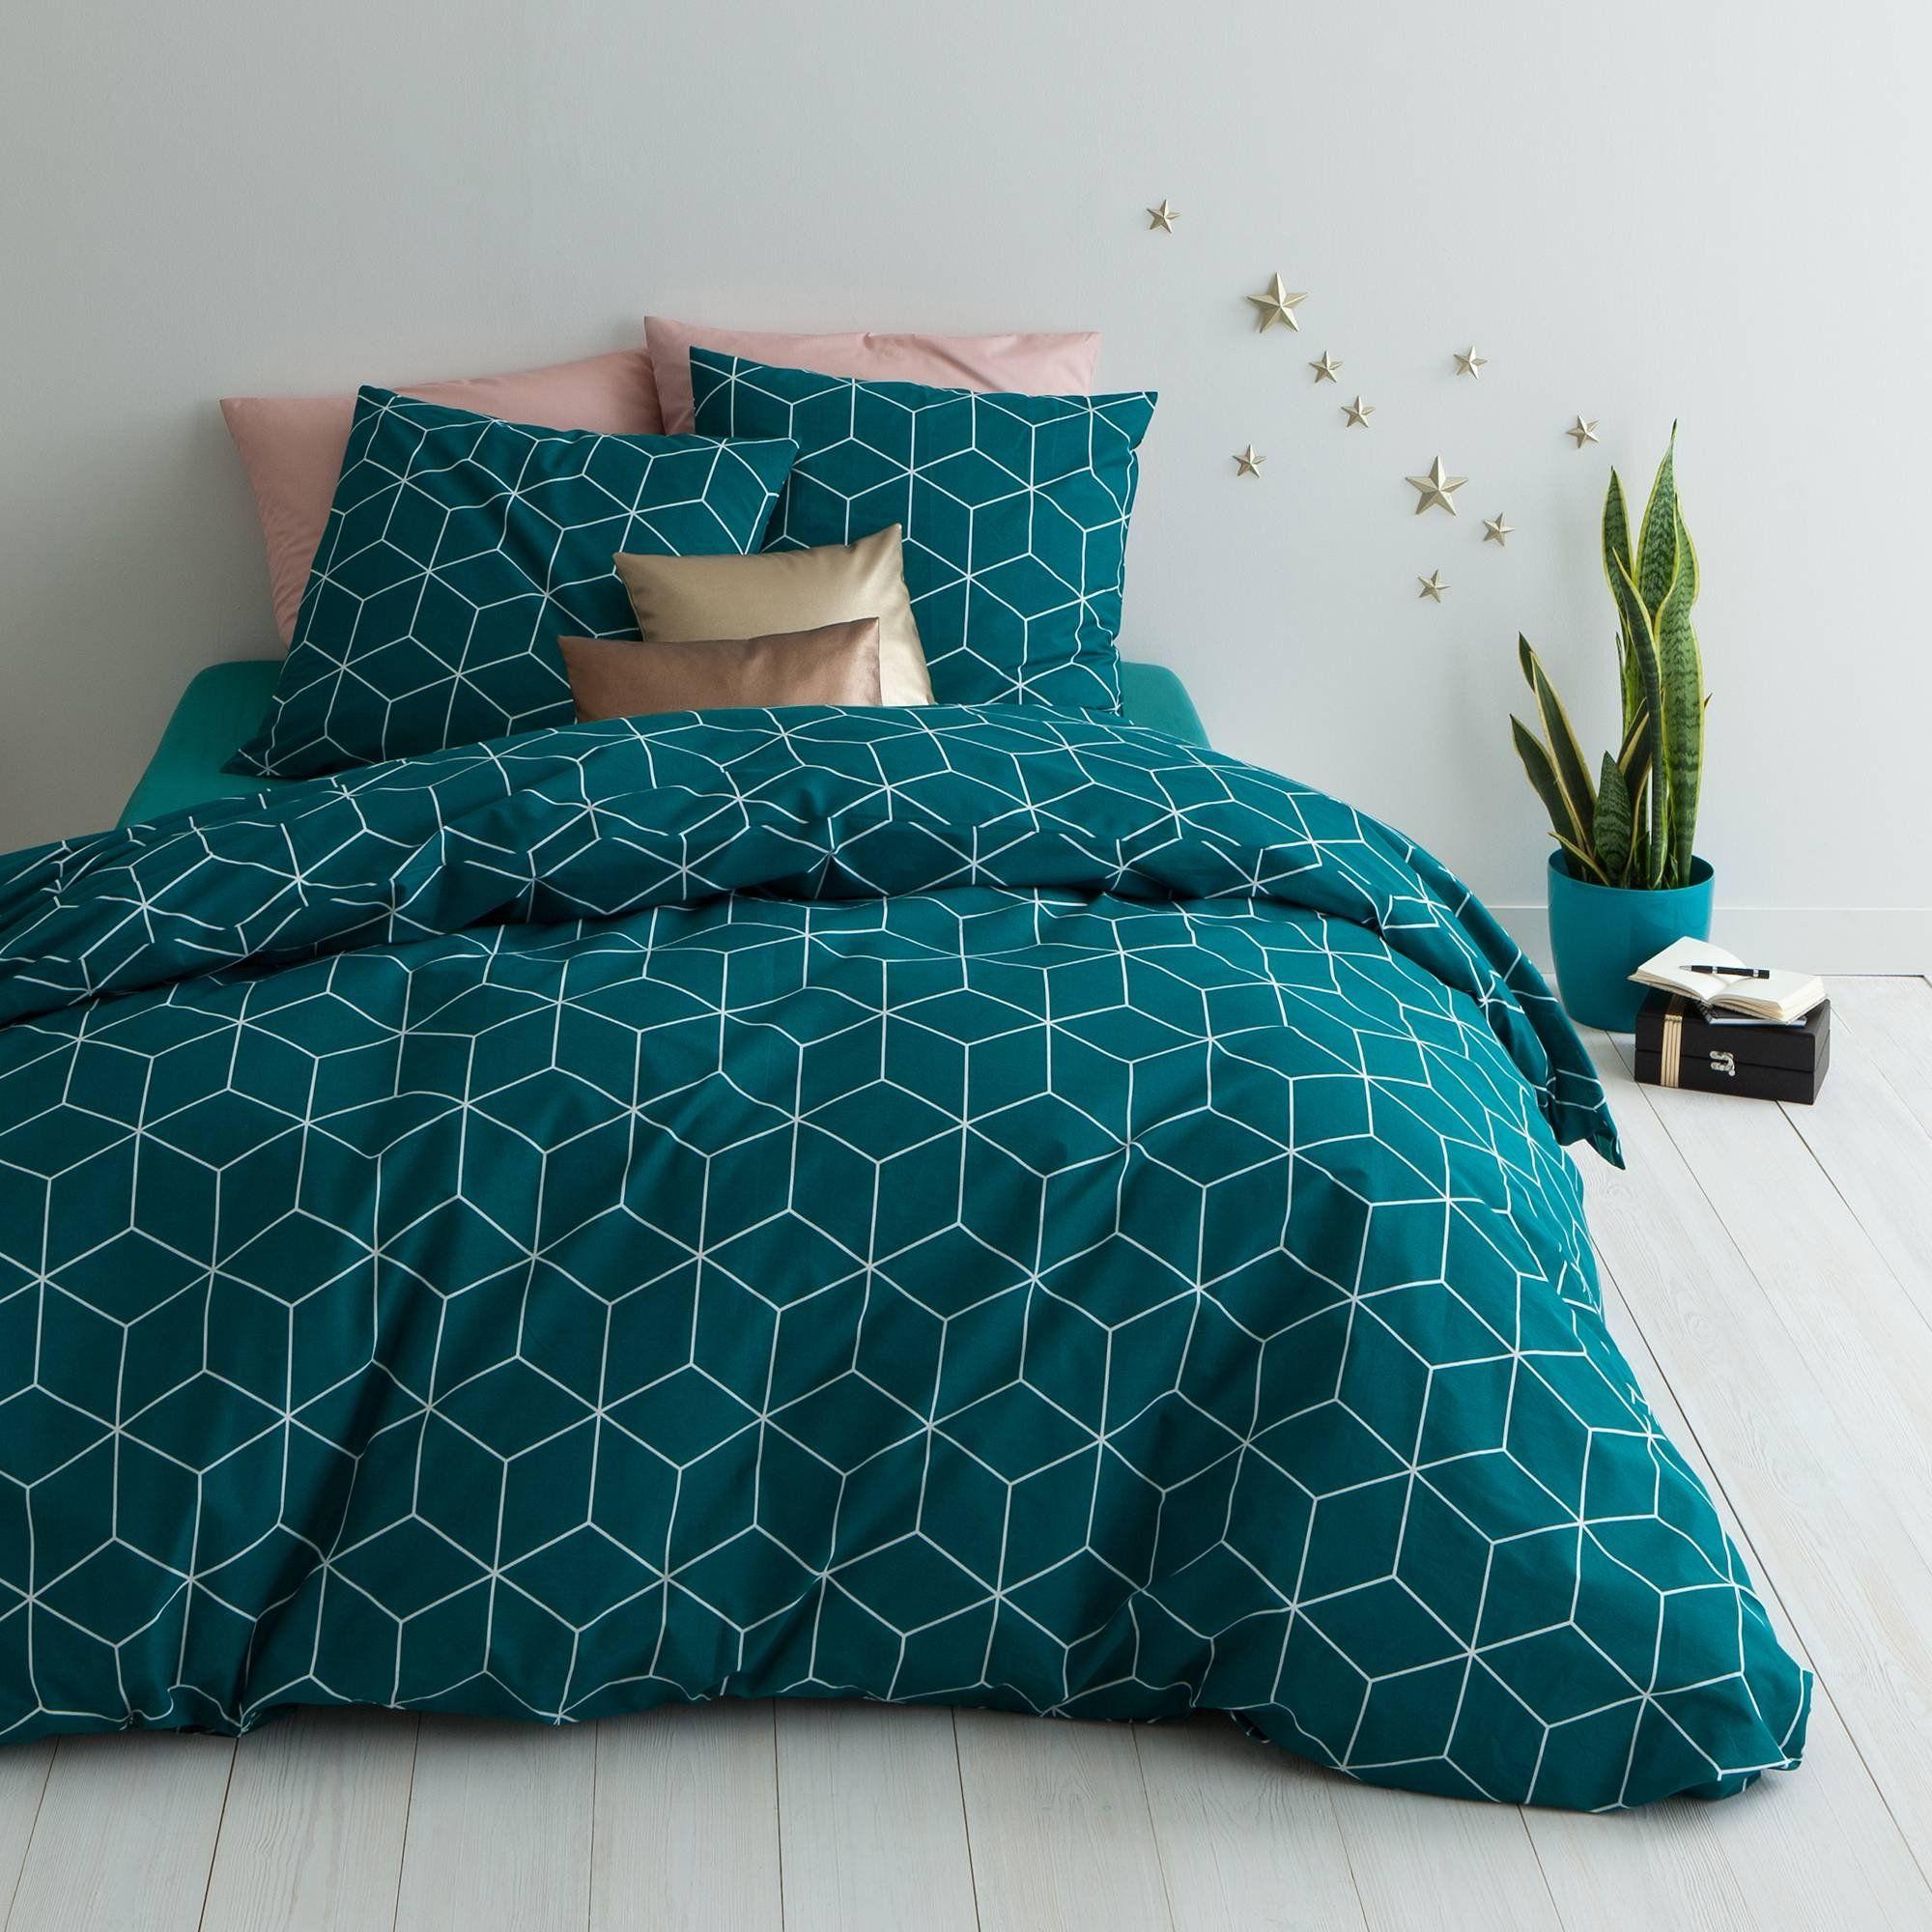 parure housse de couette 1 ou 2 taies coton imprime jehaut vert une parure de lit qui se joue de l optique pour une deco tres originale et tendance